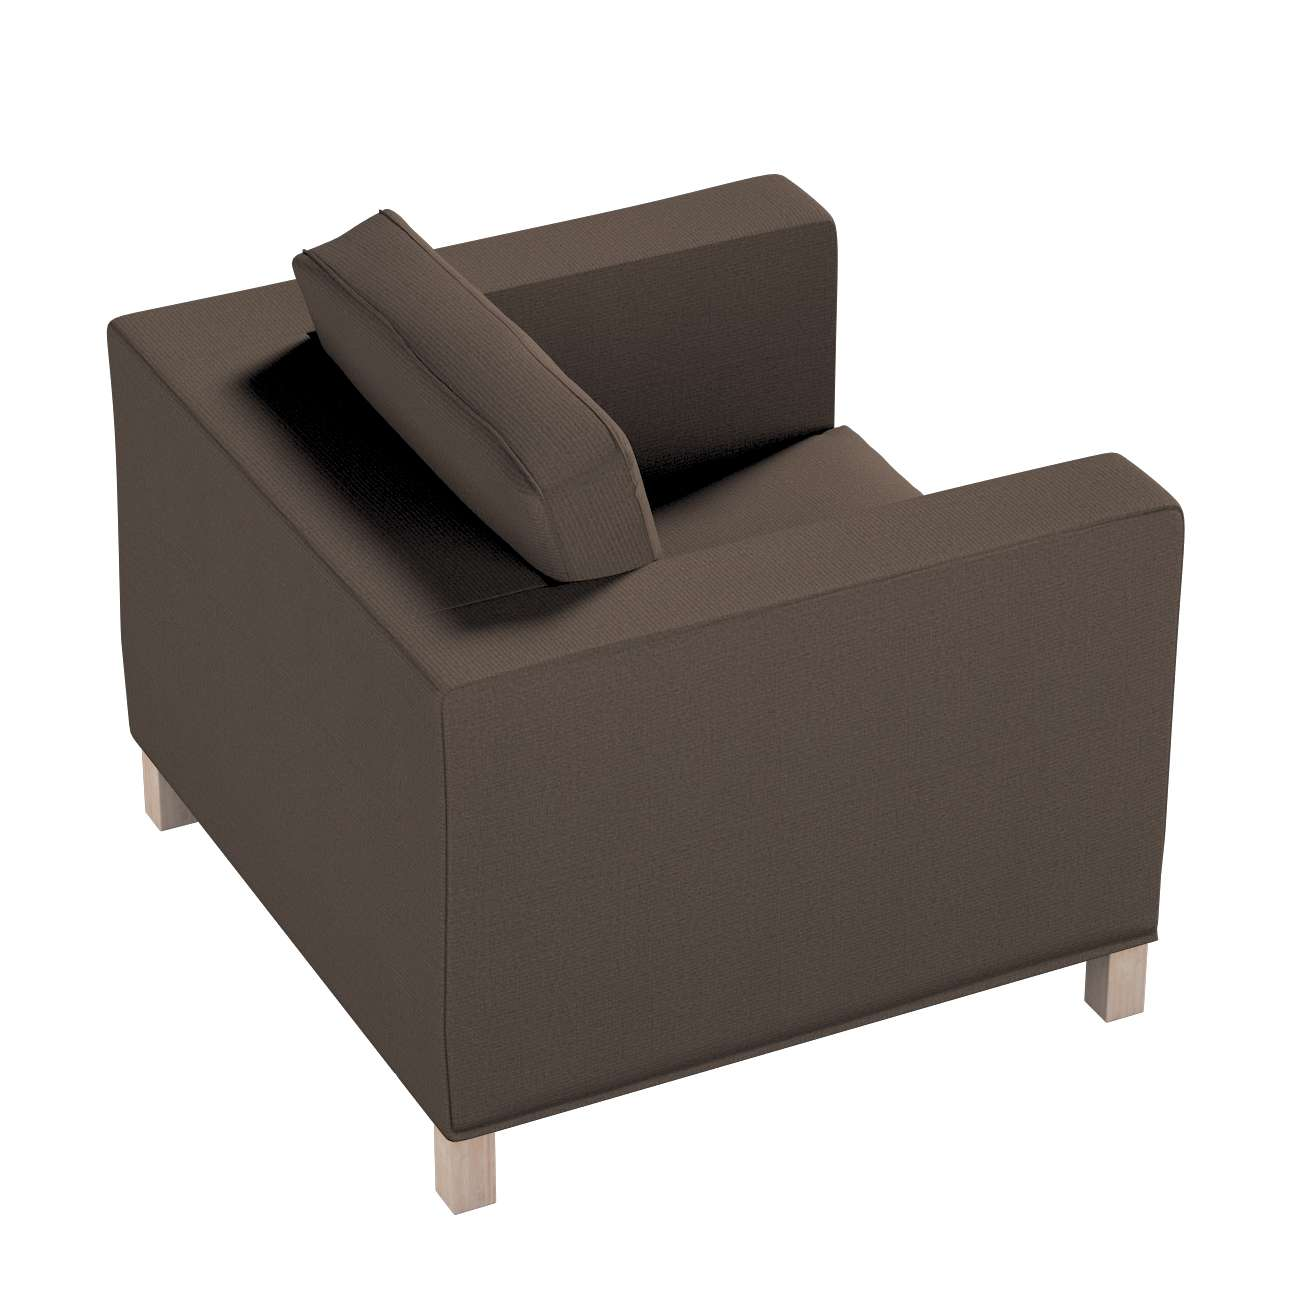 Karlanda päällinen nojatuoli, lyhyt mallistosta Etna - ei verhoihin, Kangas: 705-08